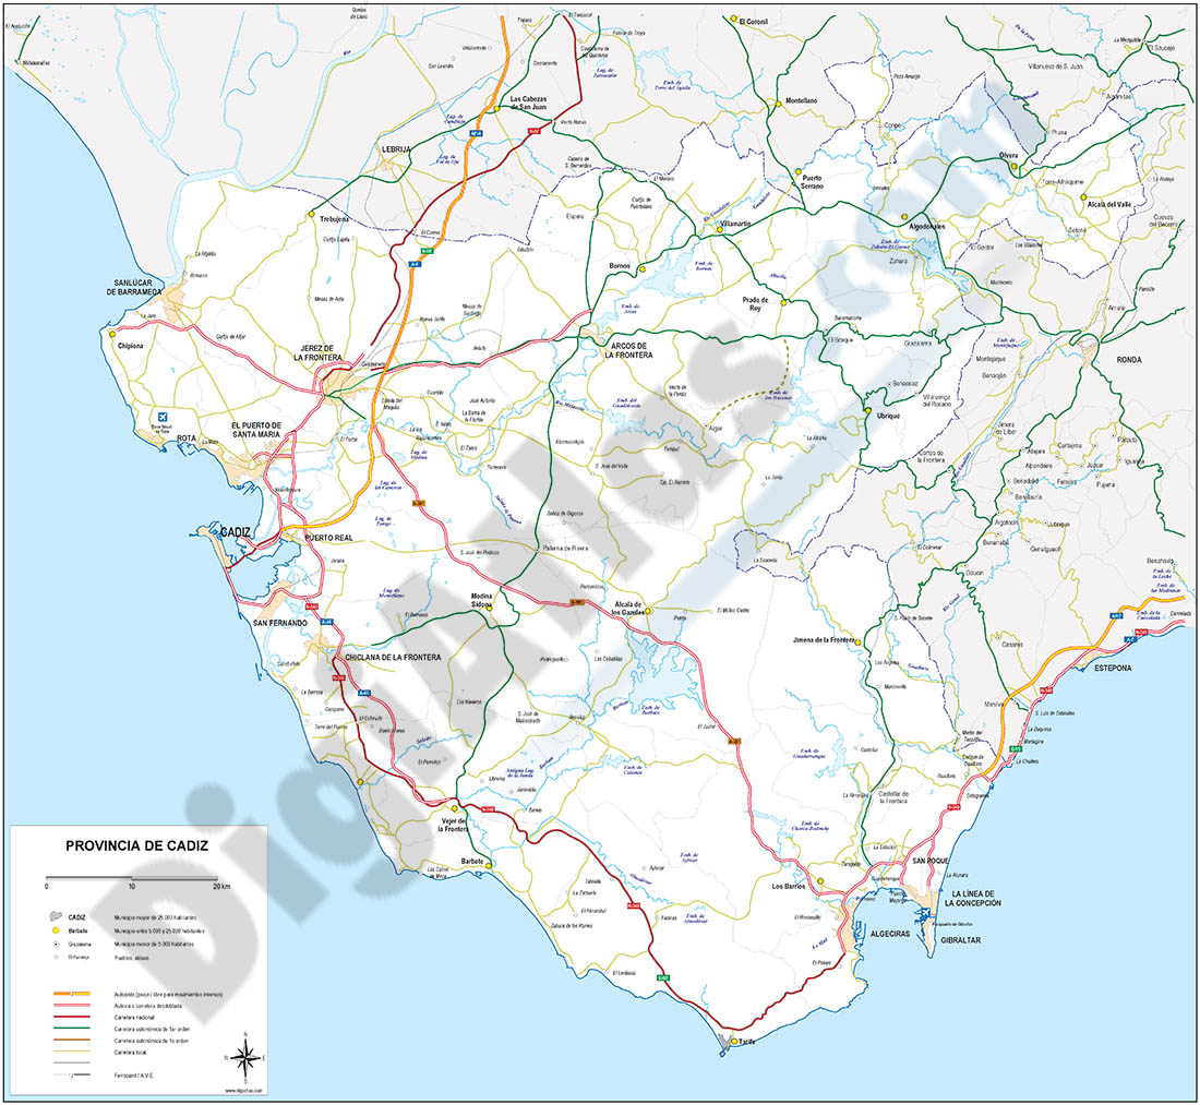 Map of Cadiz